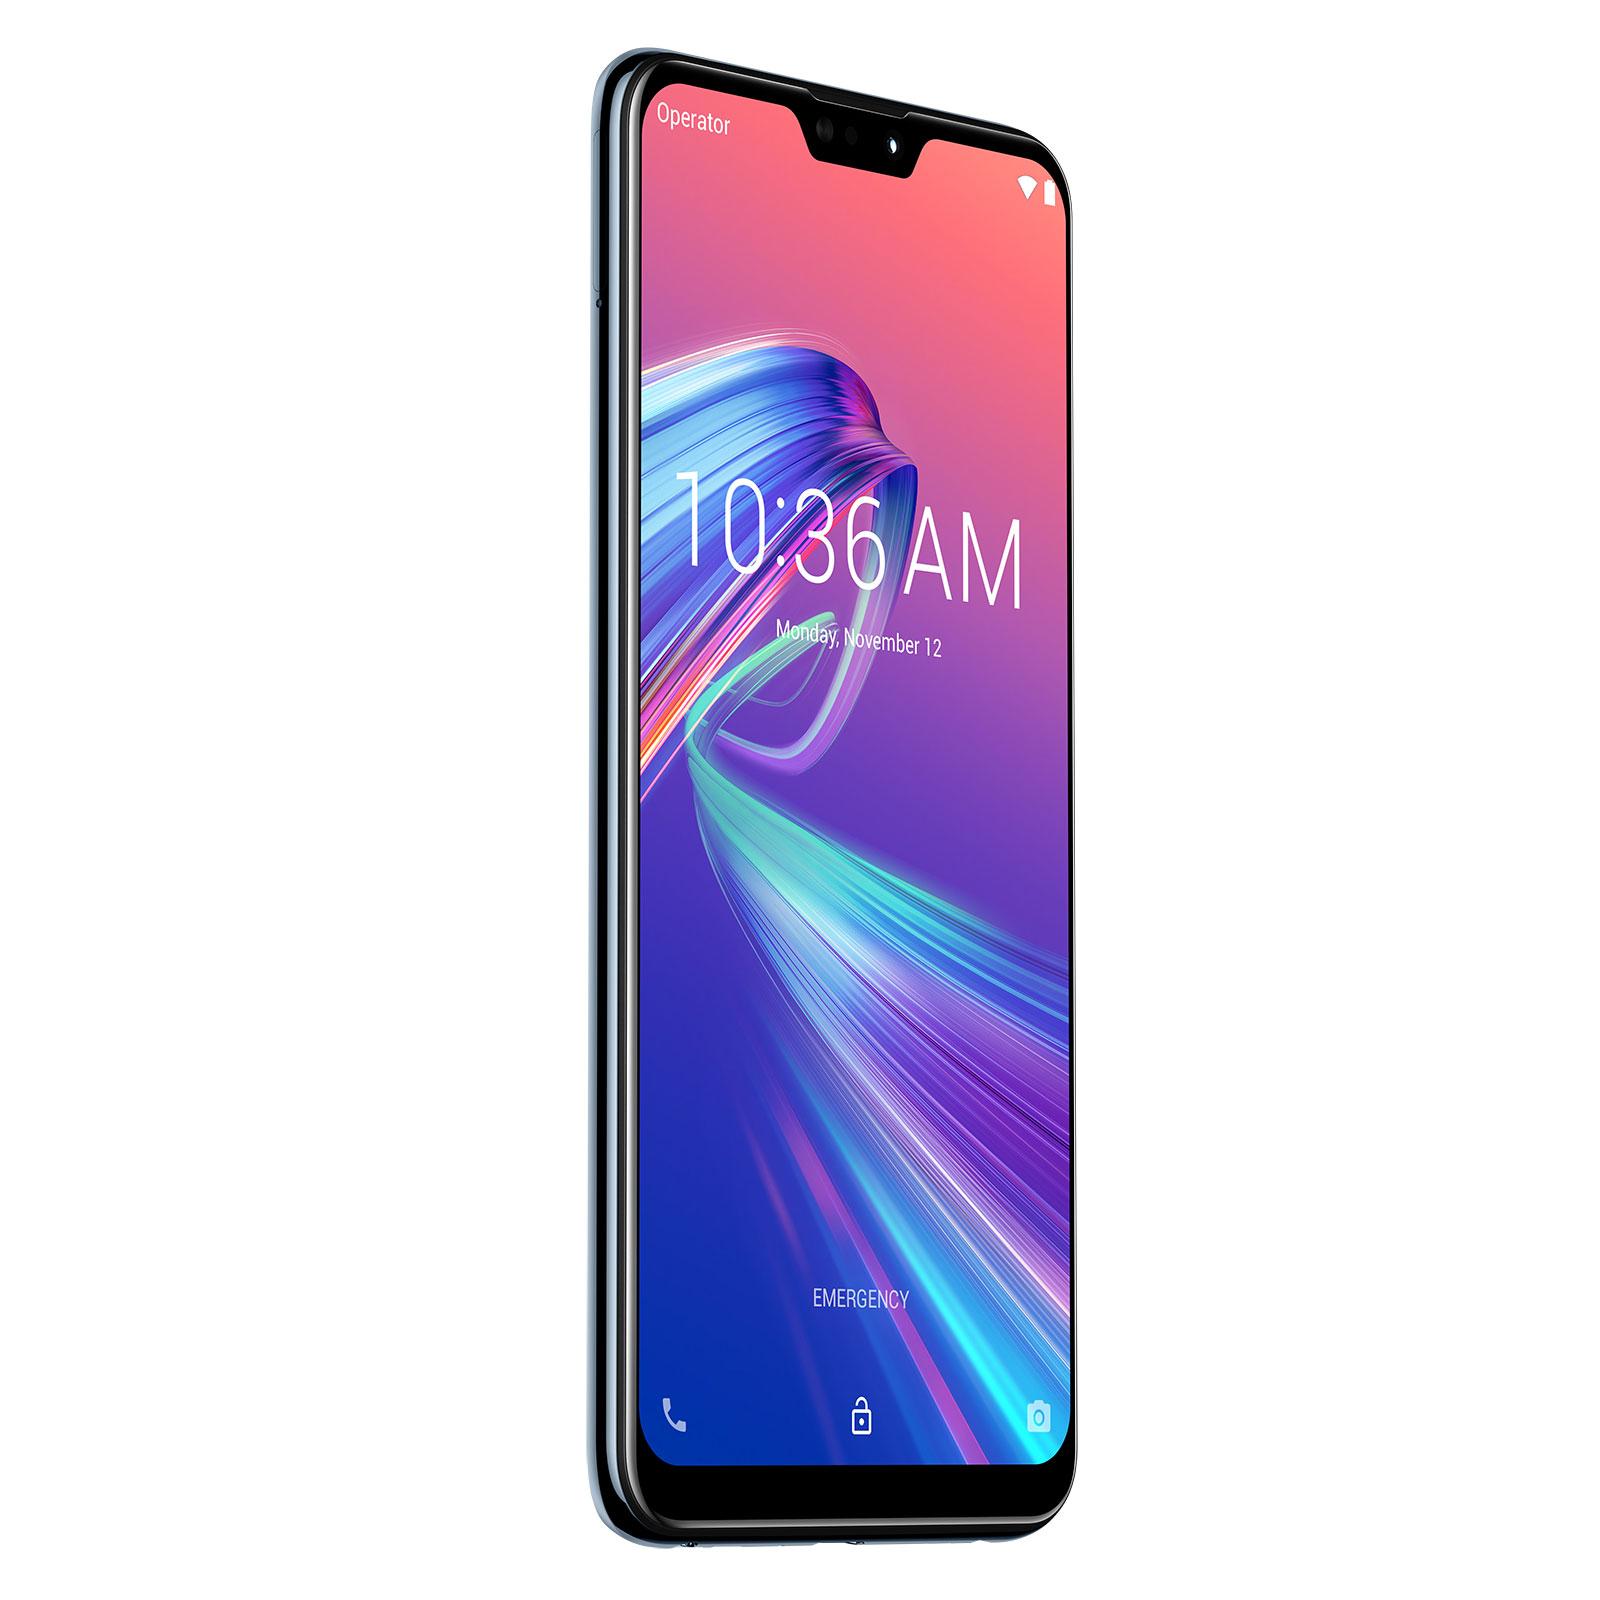 ZenFone Max PRO M2 Bleu (90AX01B2-M00950) - Achat / Vente Téléphonie sur Picata.fr - 4